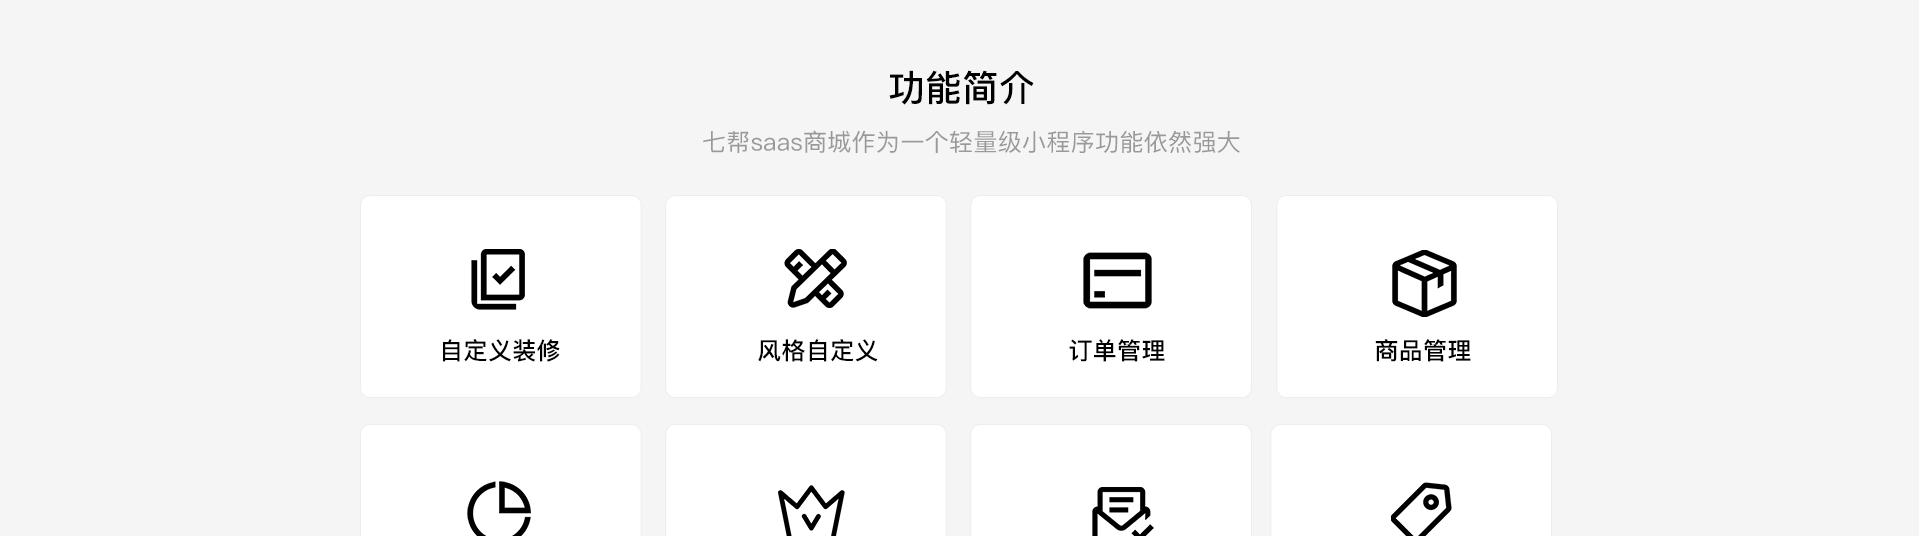 七帮SAAS小程序免费申请